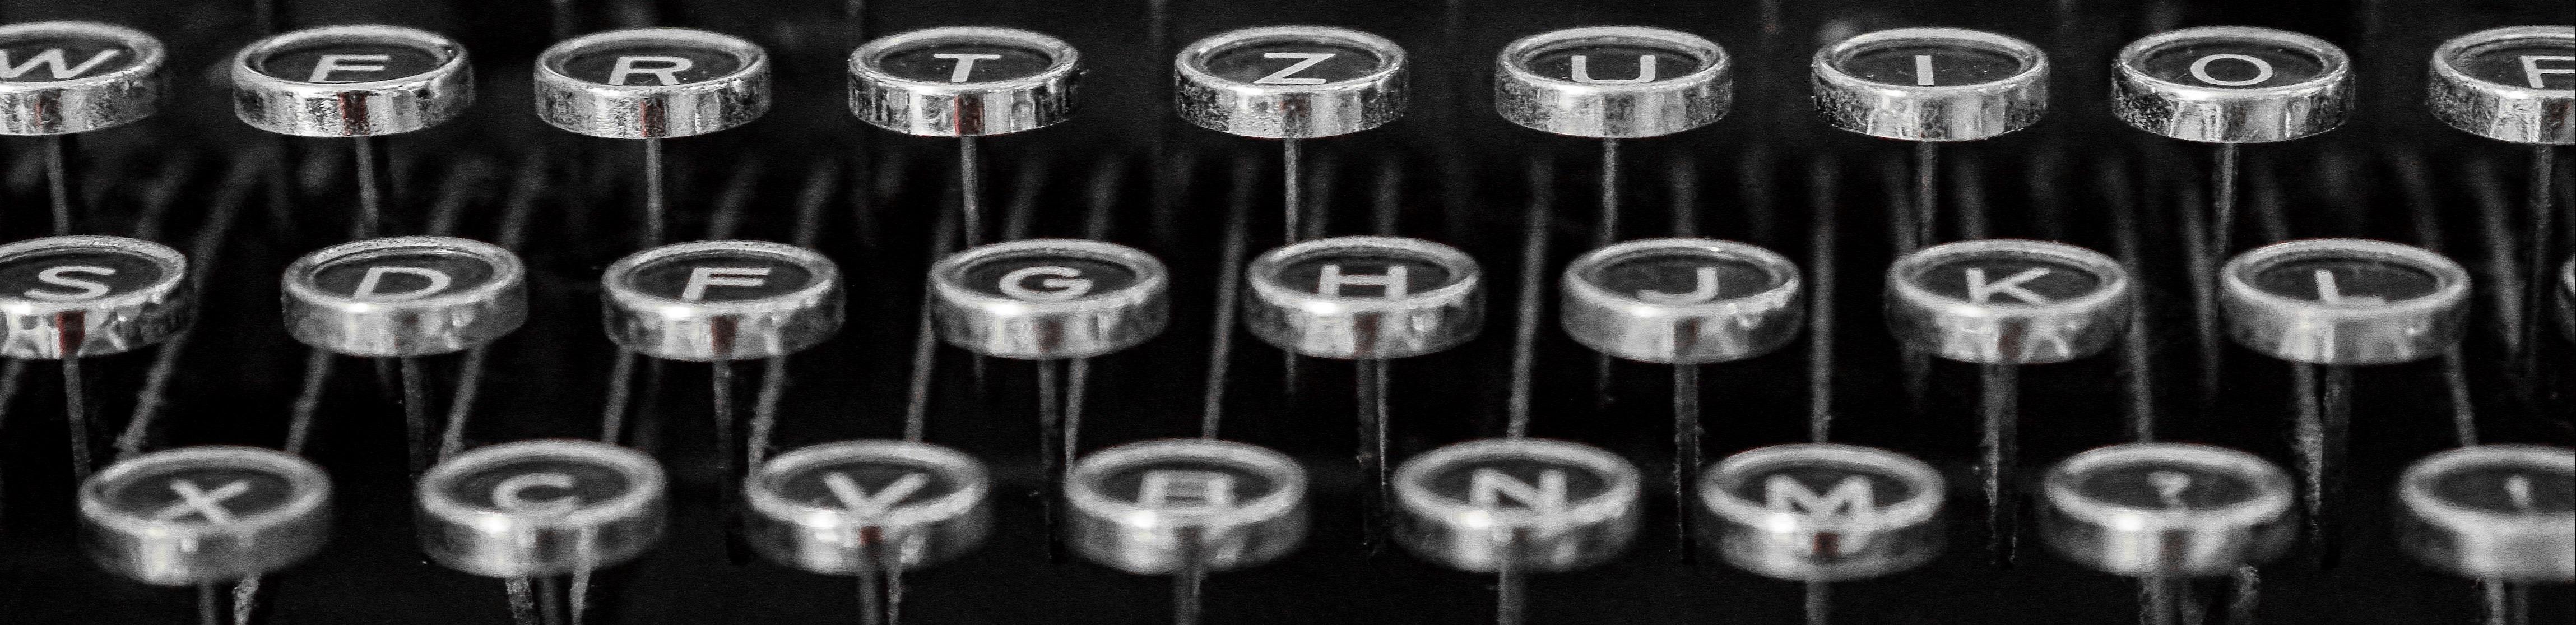 typewriterkeysnew